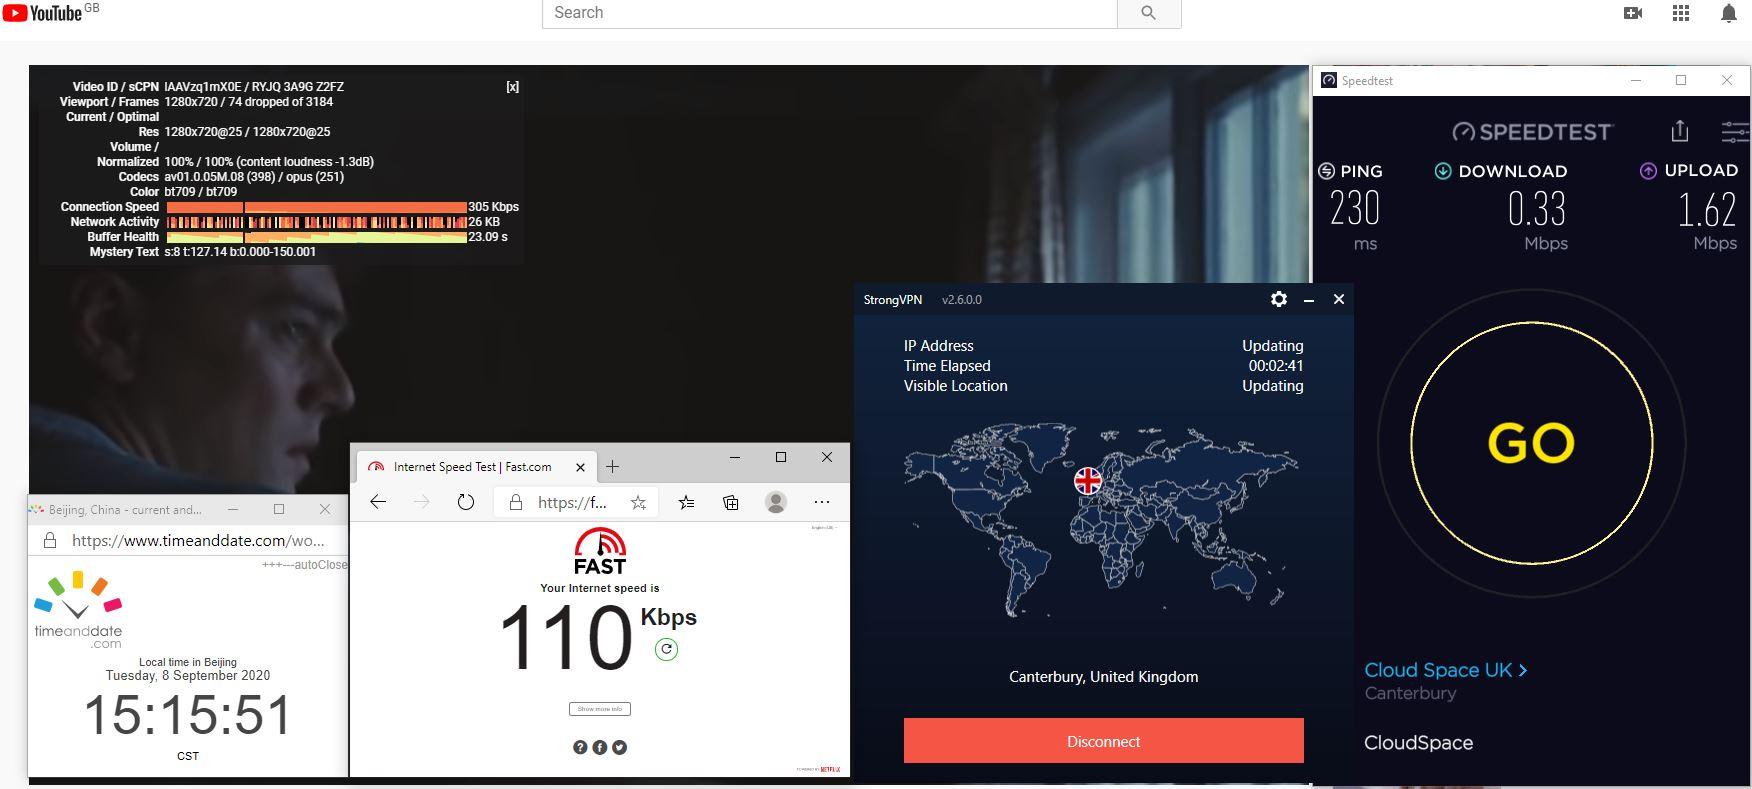 Windows10 StrongVPN UK - Canterbury 中国VPN 翻墙 科学上网 翻墙速度测试 - 20200908